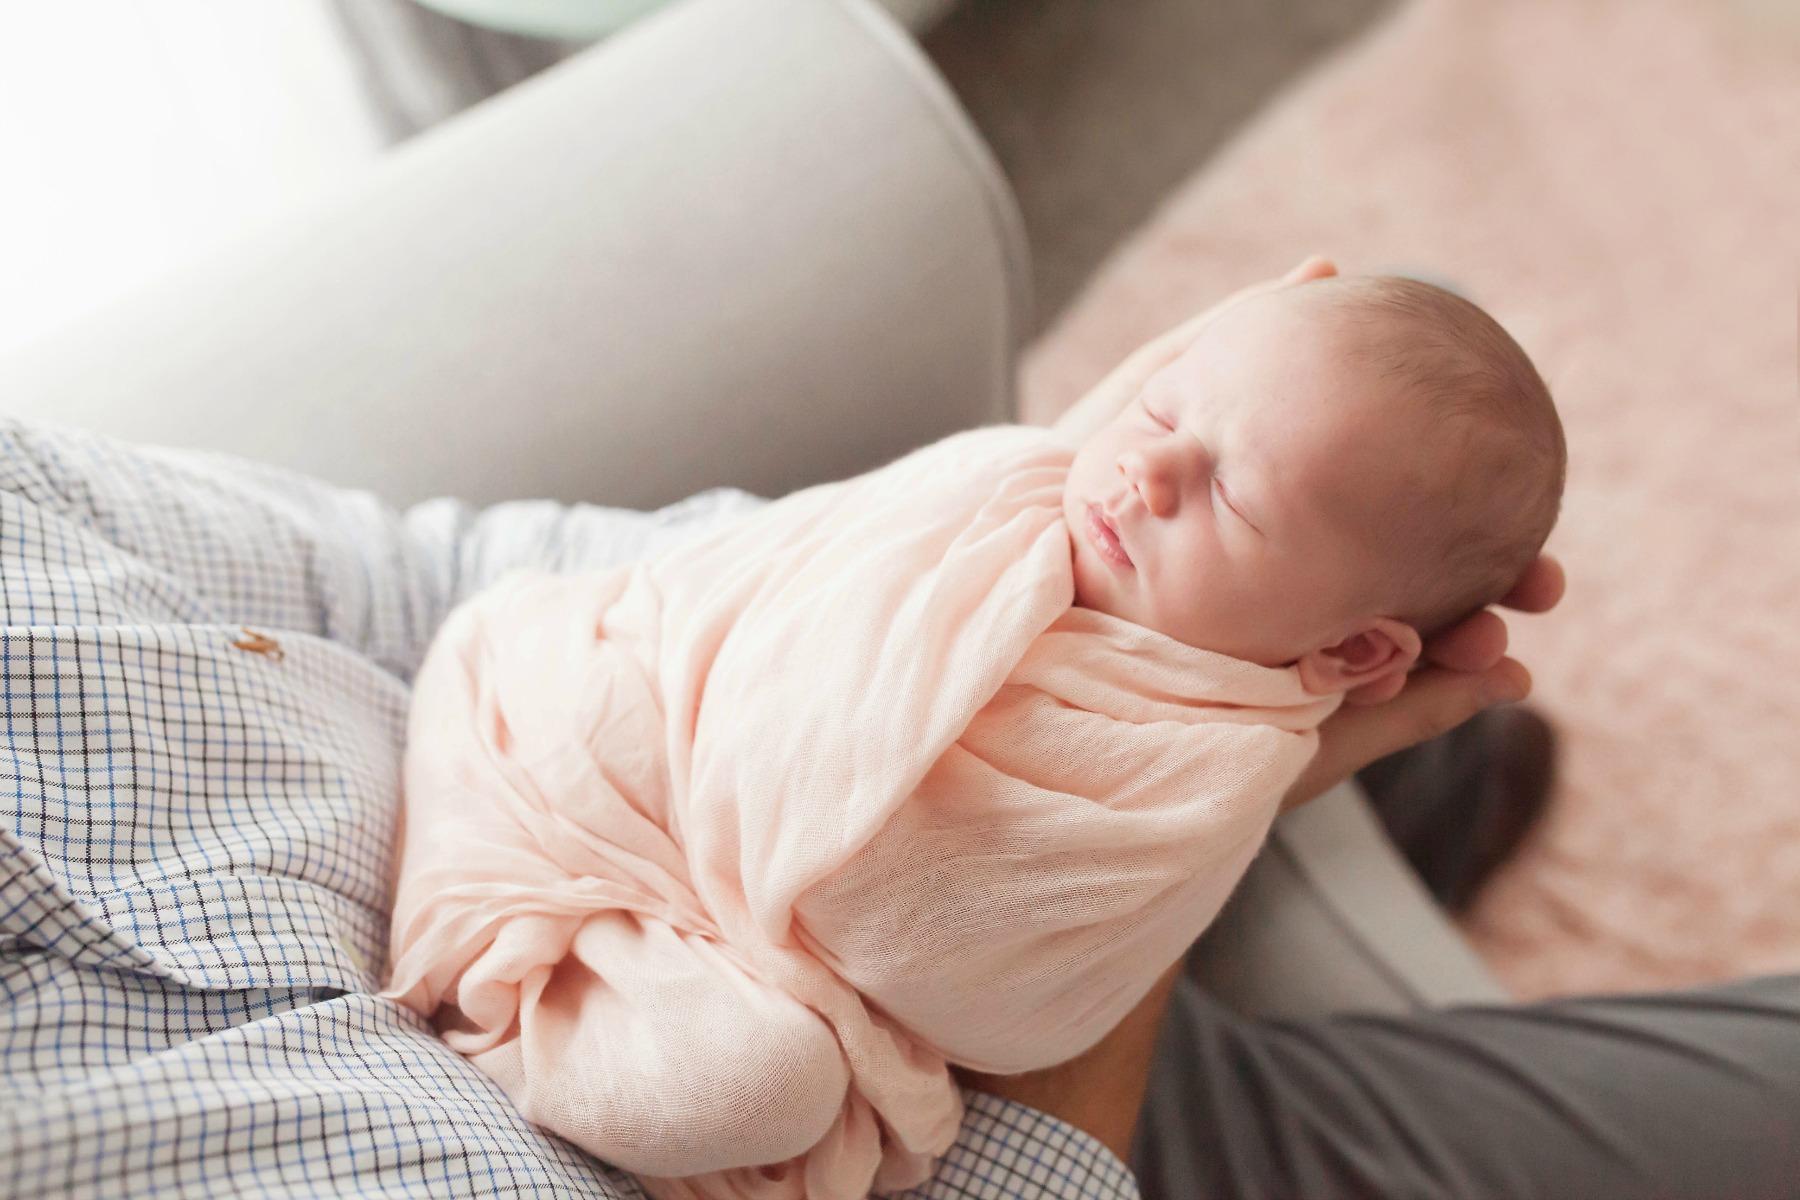 Sharon's newborn baby Luciana